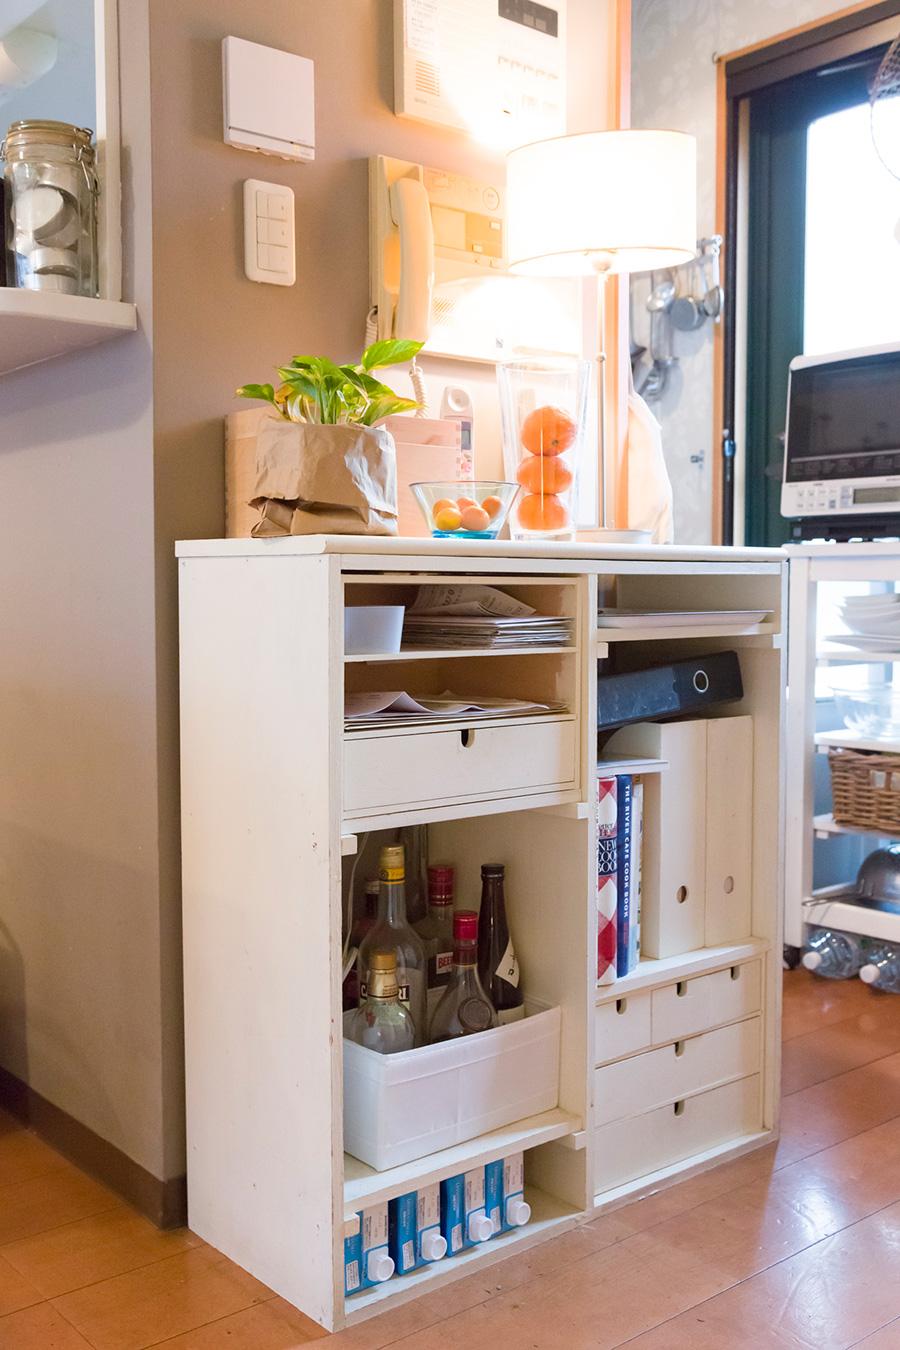 こちらもDIYで作った棚。コンパクトなキッチンの収納を確保しようと空きスペースを活用。